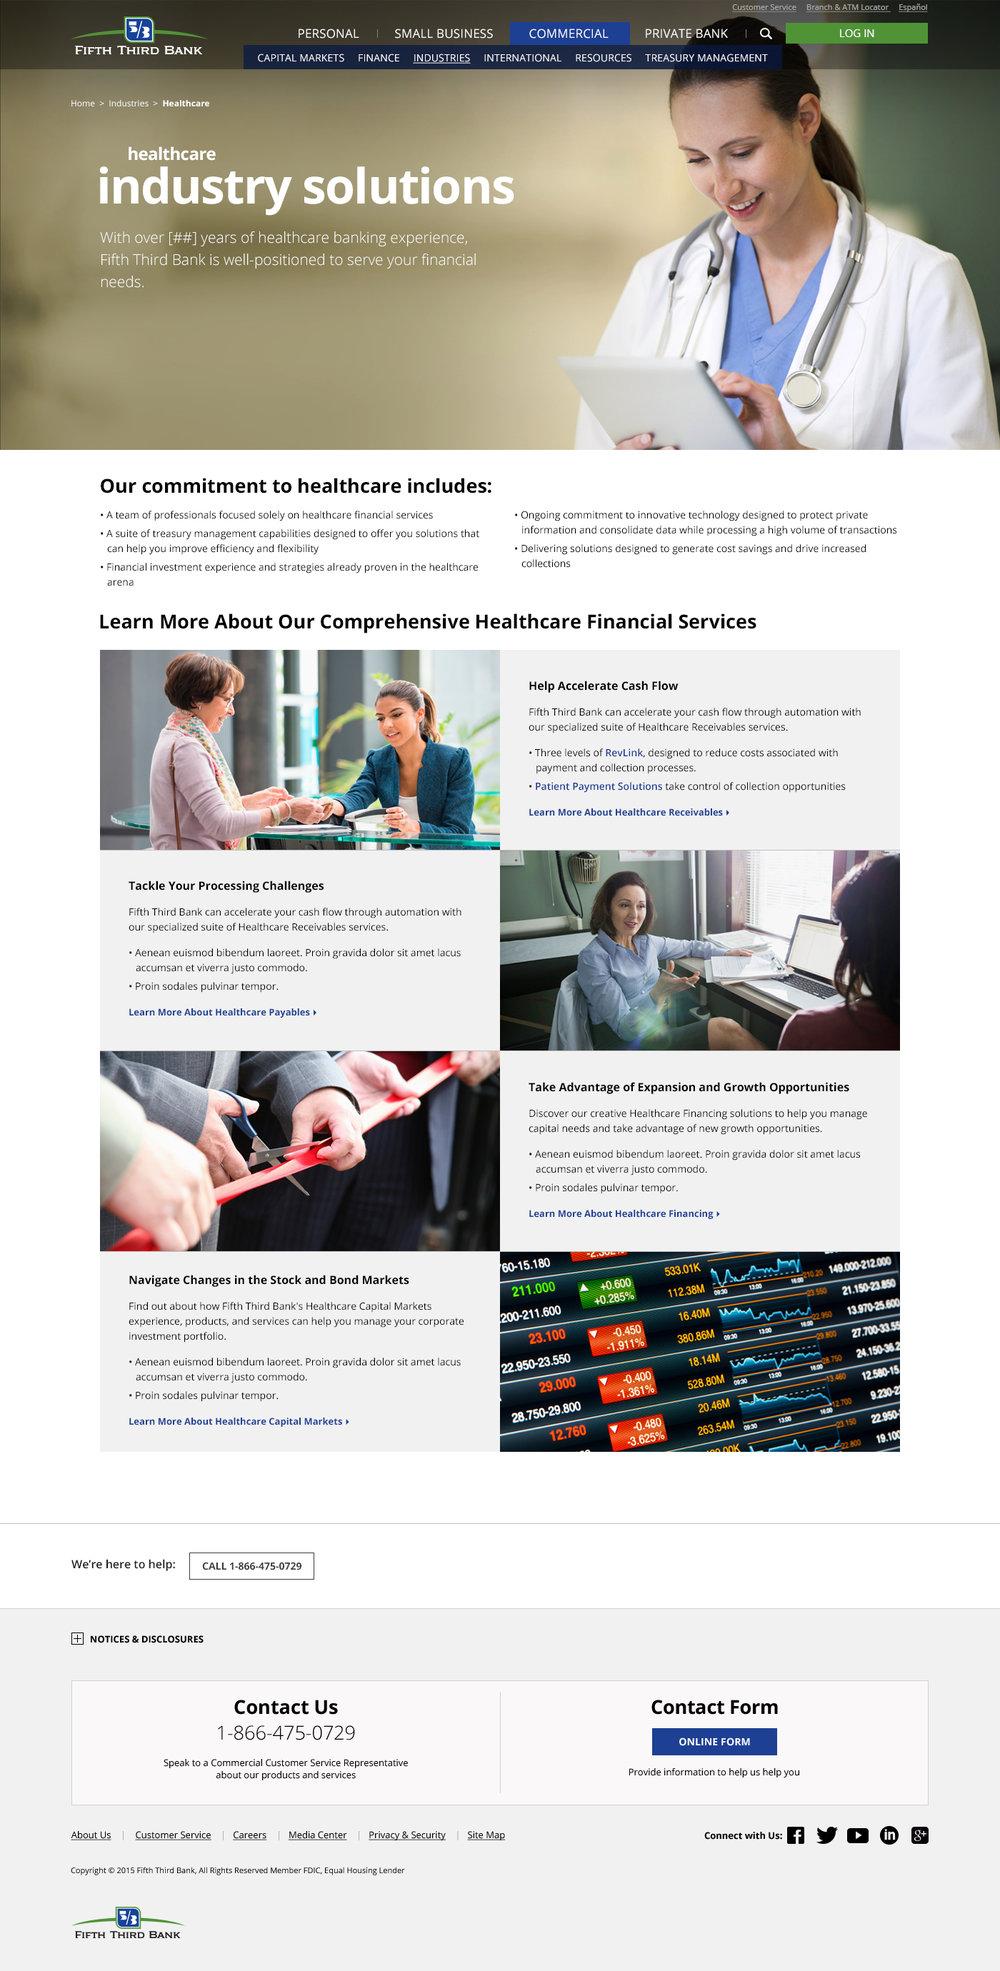 53_Set2_Desktop_4B_Commercial_Expertise_HealthcareIndustrySolutions.jpg